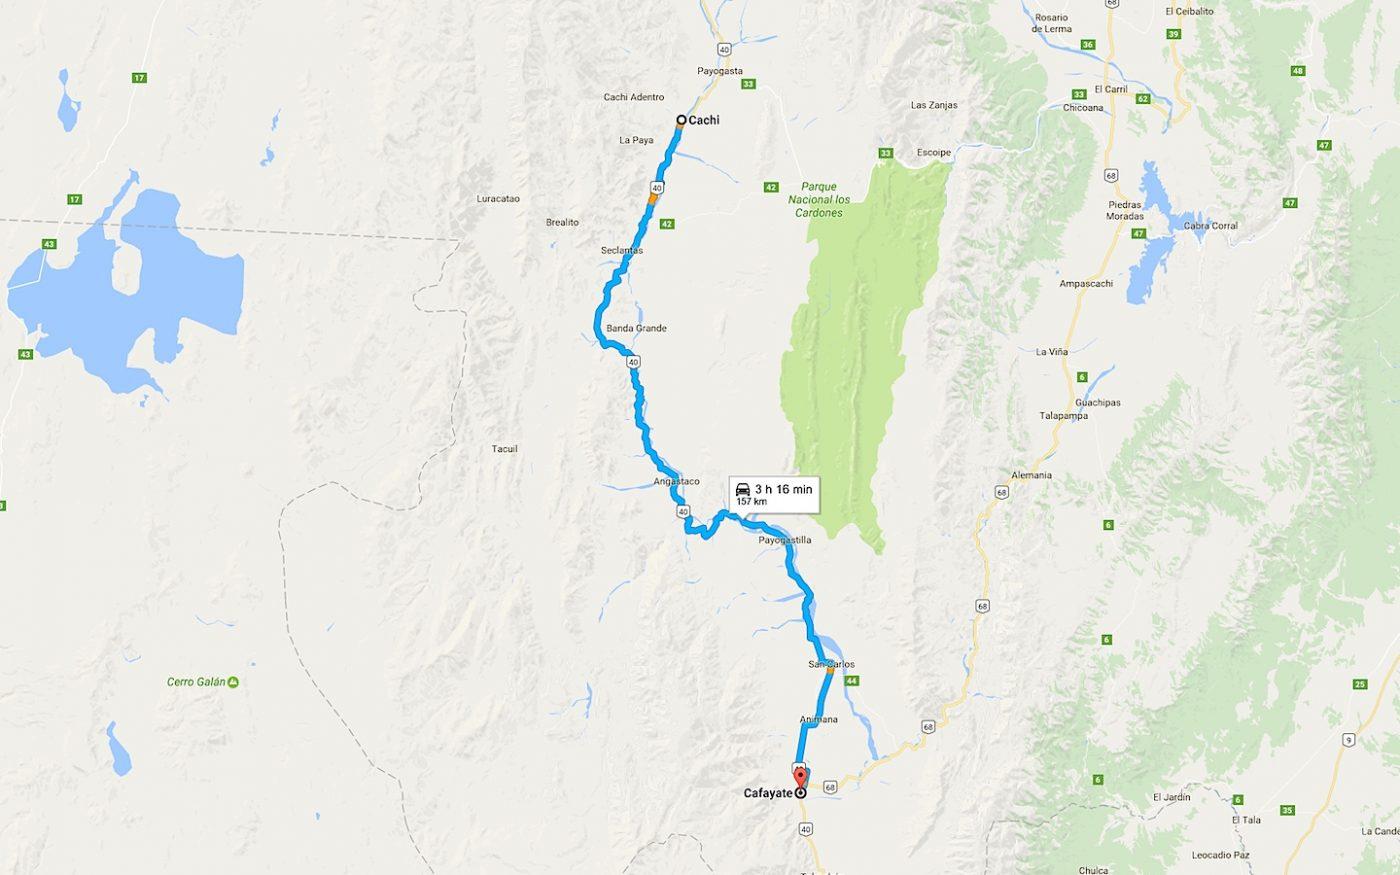 trajet Cachi-Cafayate